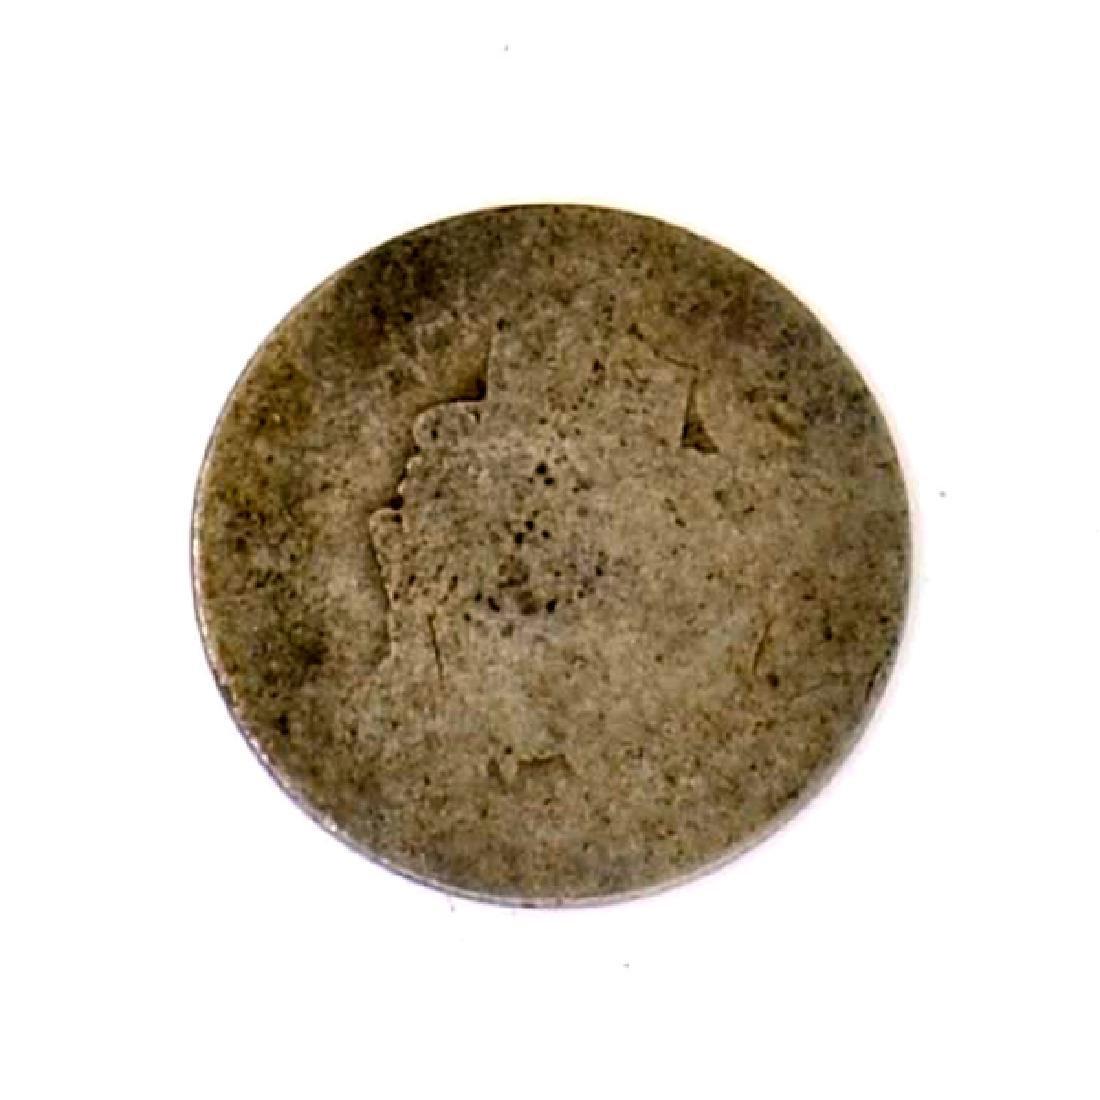 XXXX Liberty Head Dime Coin